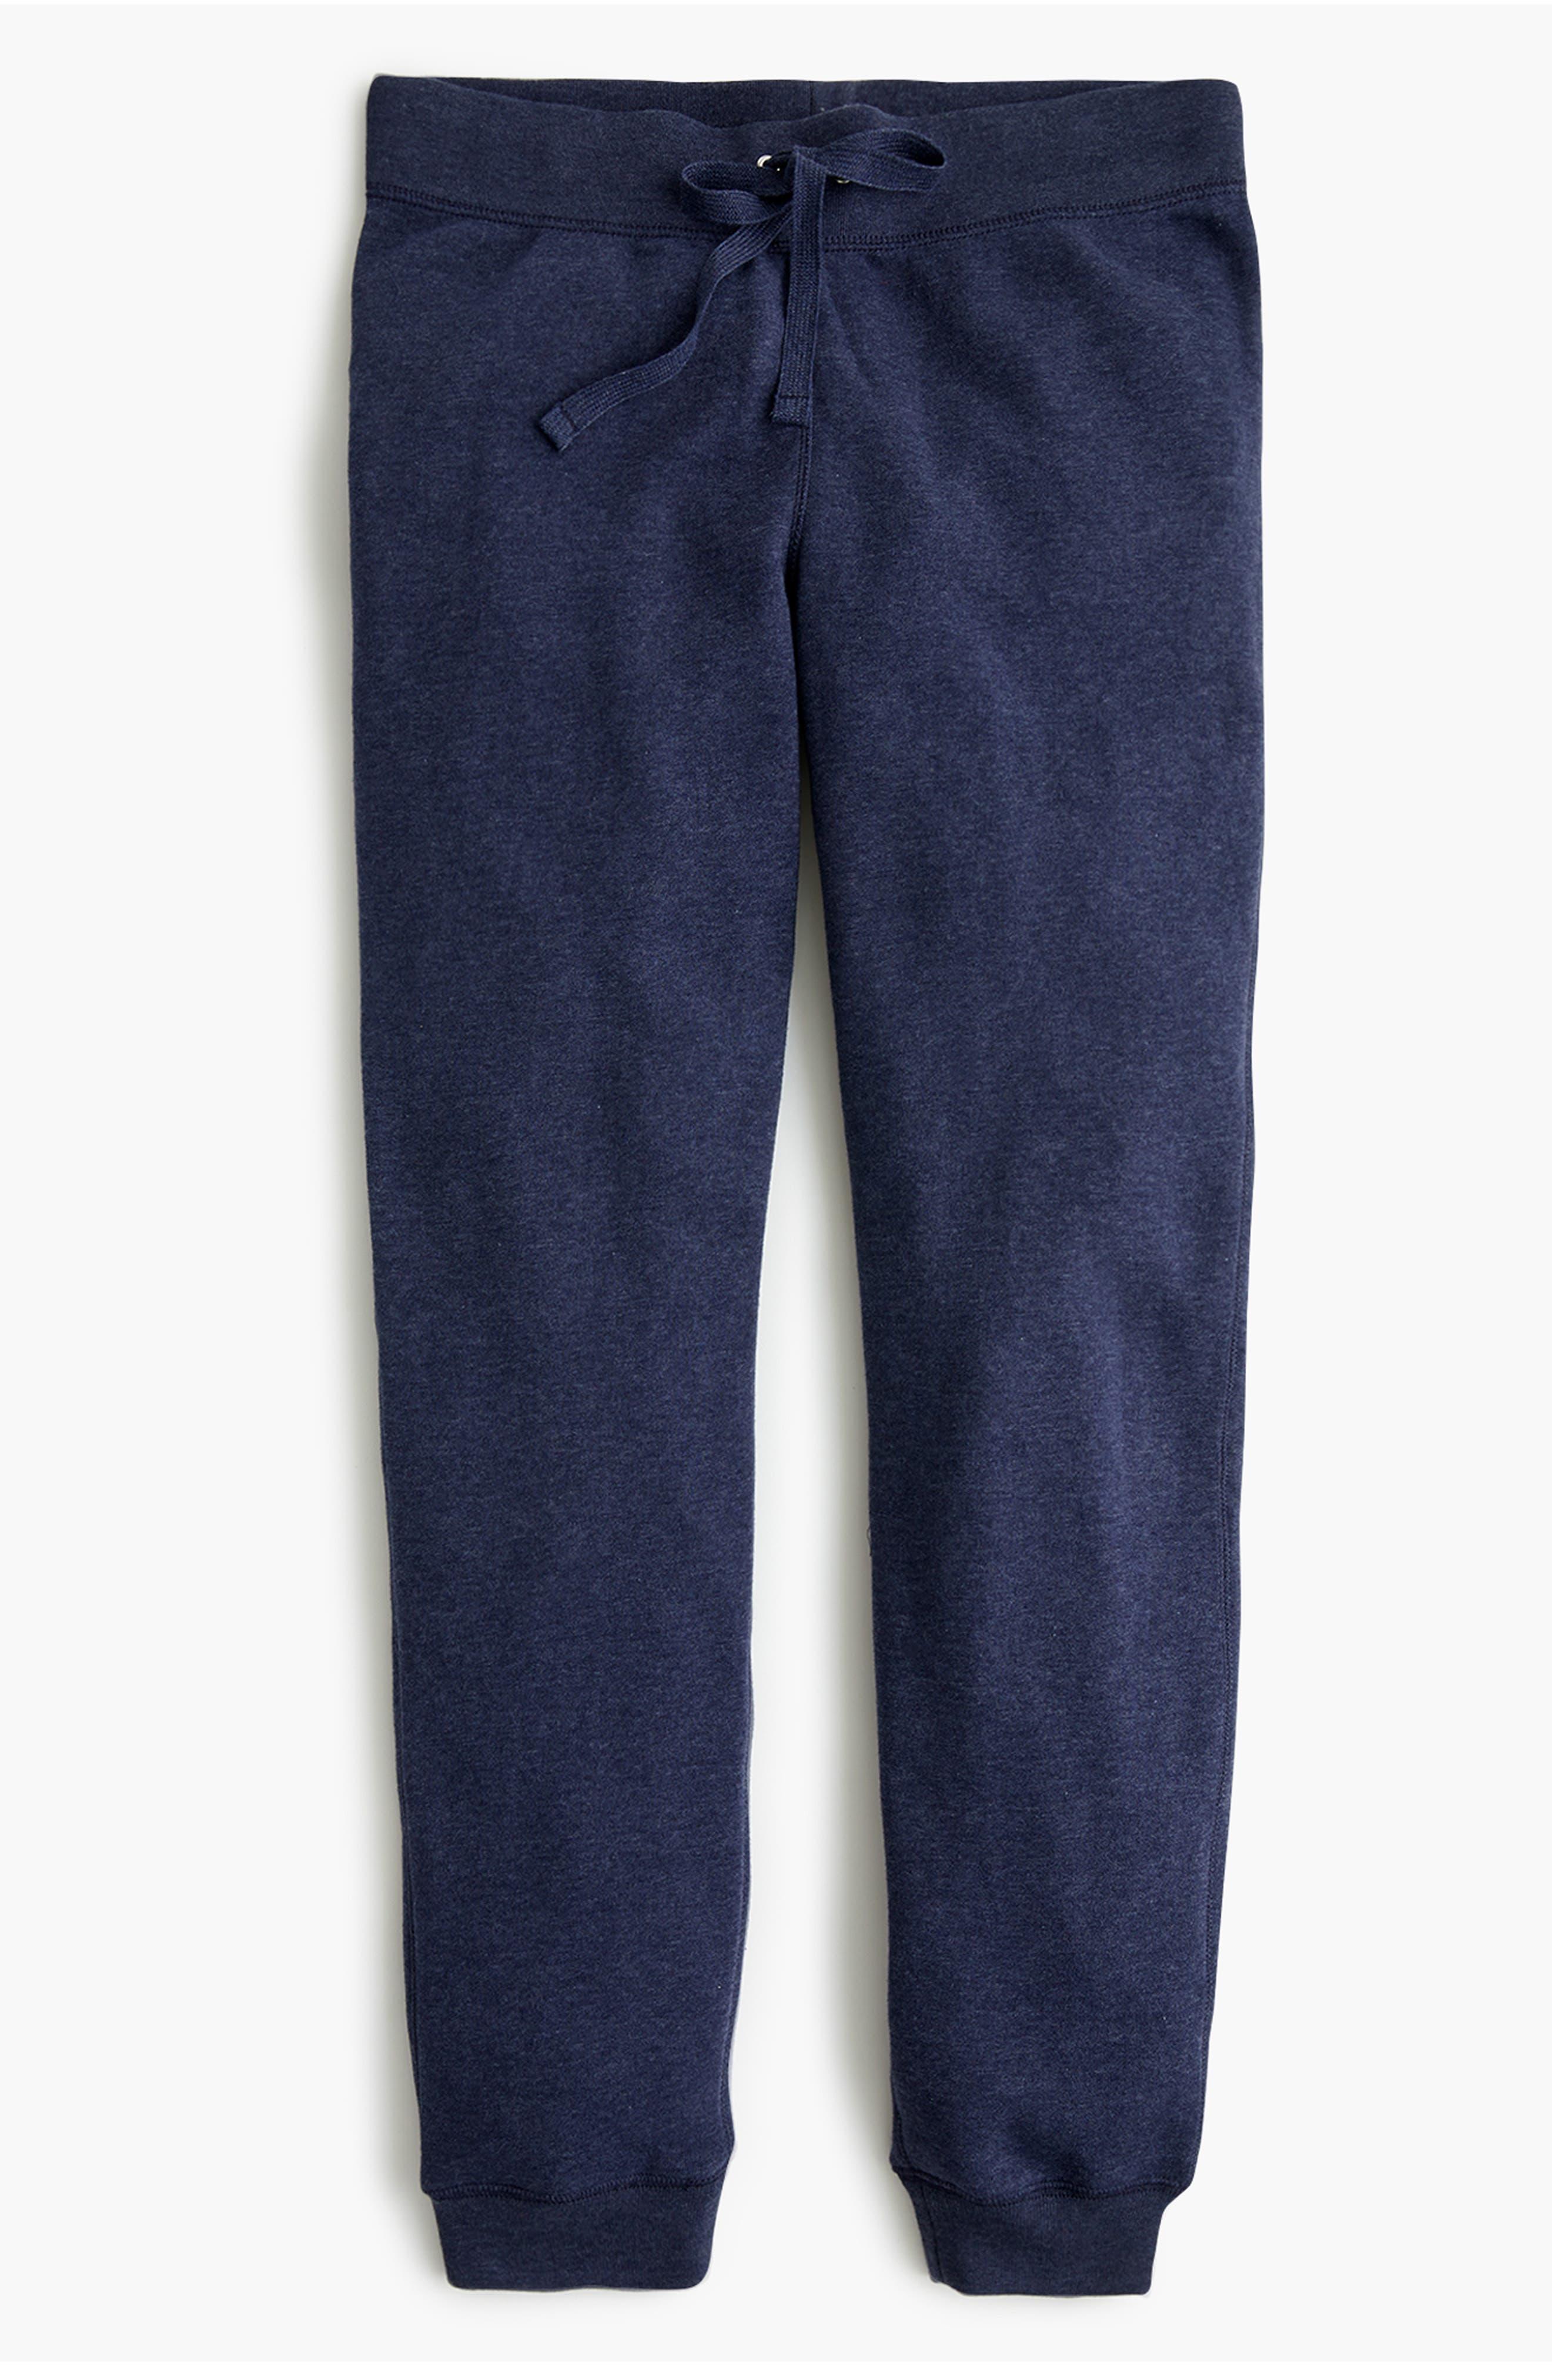 Plus Size J.crew Supersoft Fleece Sweatpants, Blue